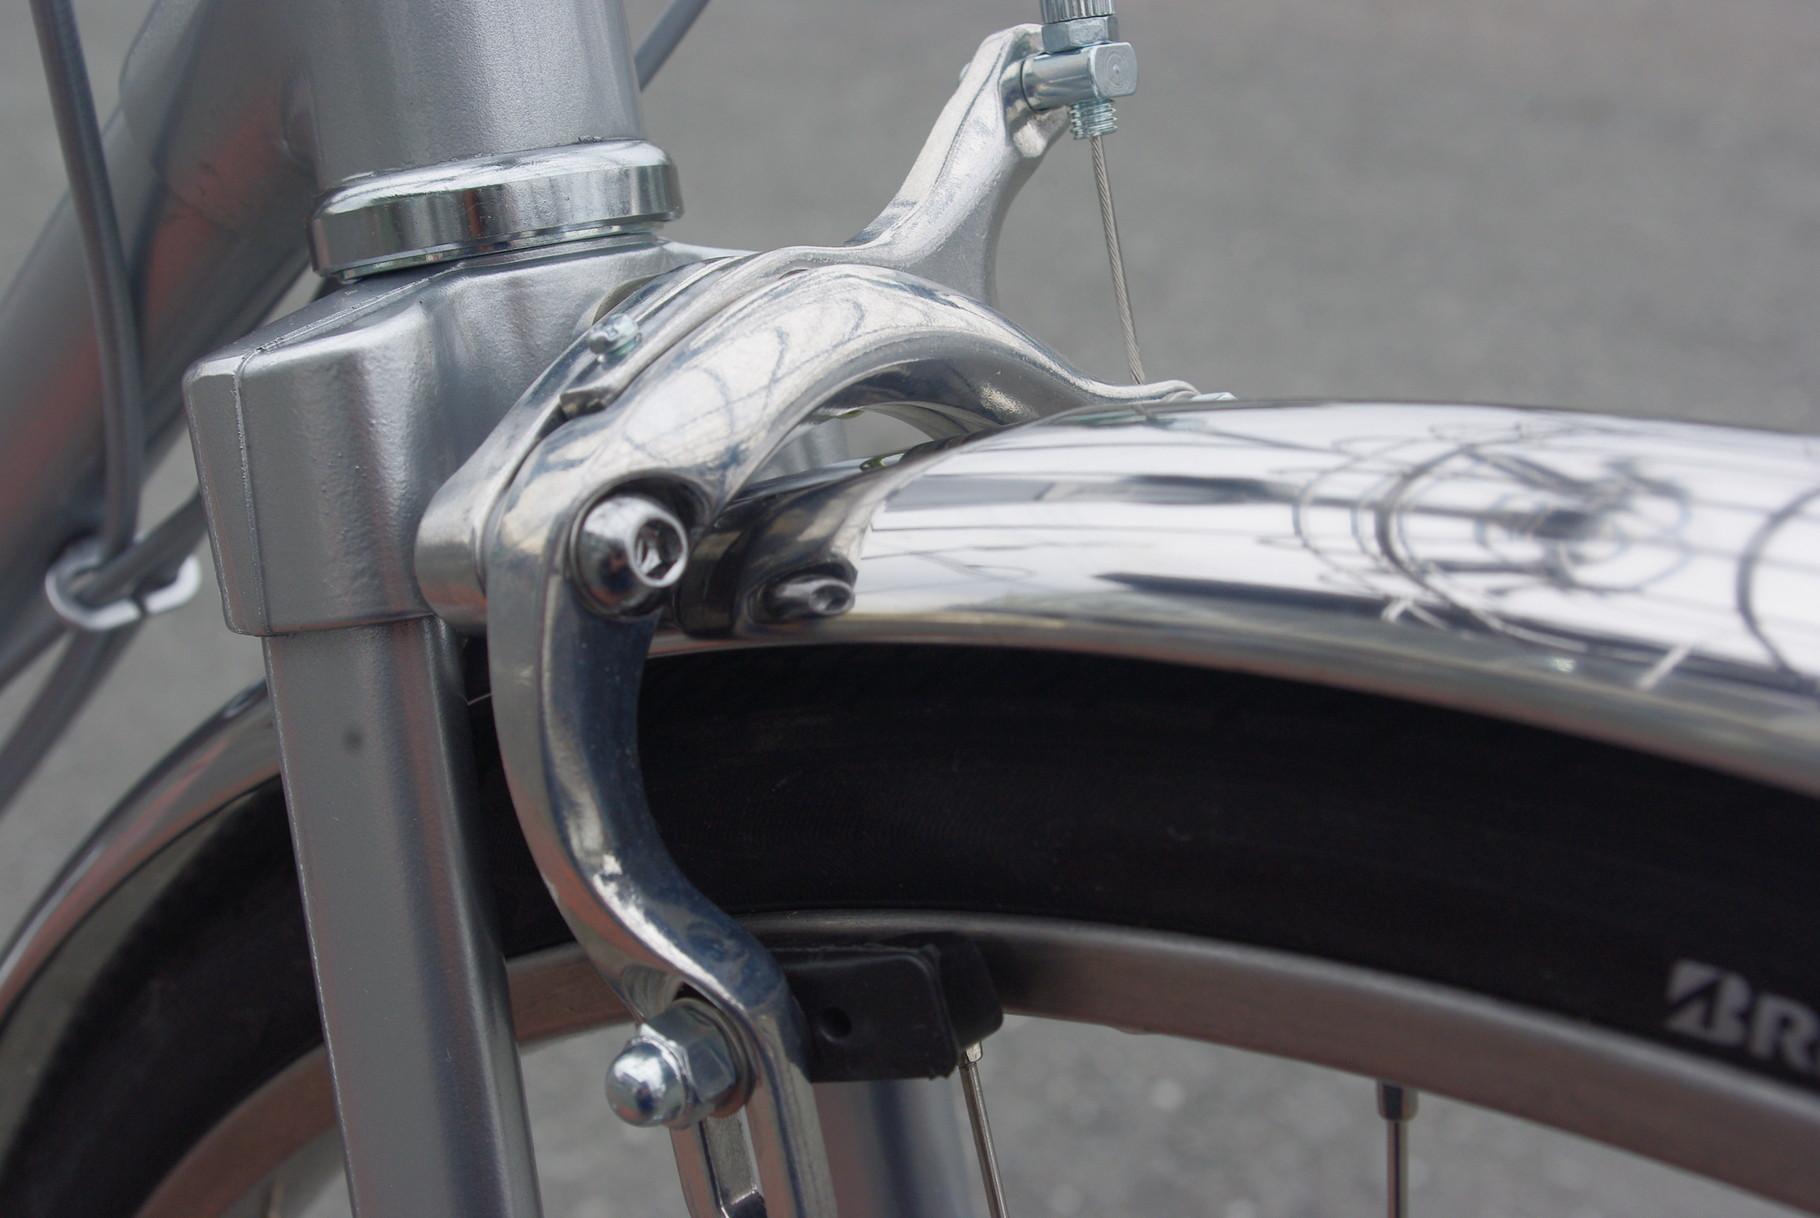 スポーツバイクに採用されているデュアルピボットブレーキキャリパー。弱い握力でも軽く、しっかりブレーキ制御が可能です。これを使うともう、今までのブレーキが重くって重くって・・・